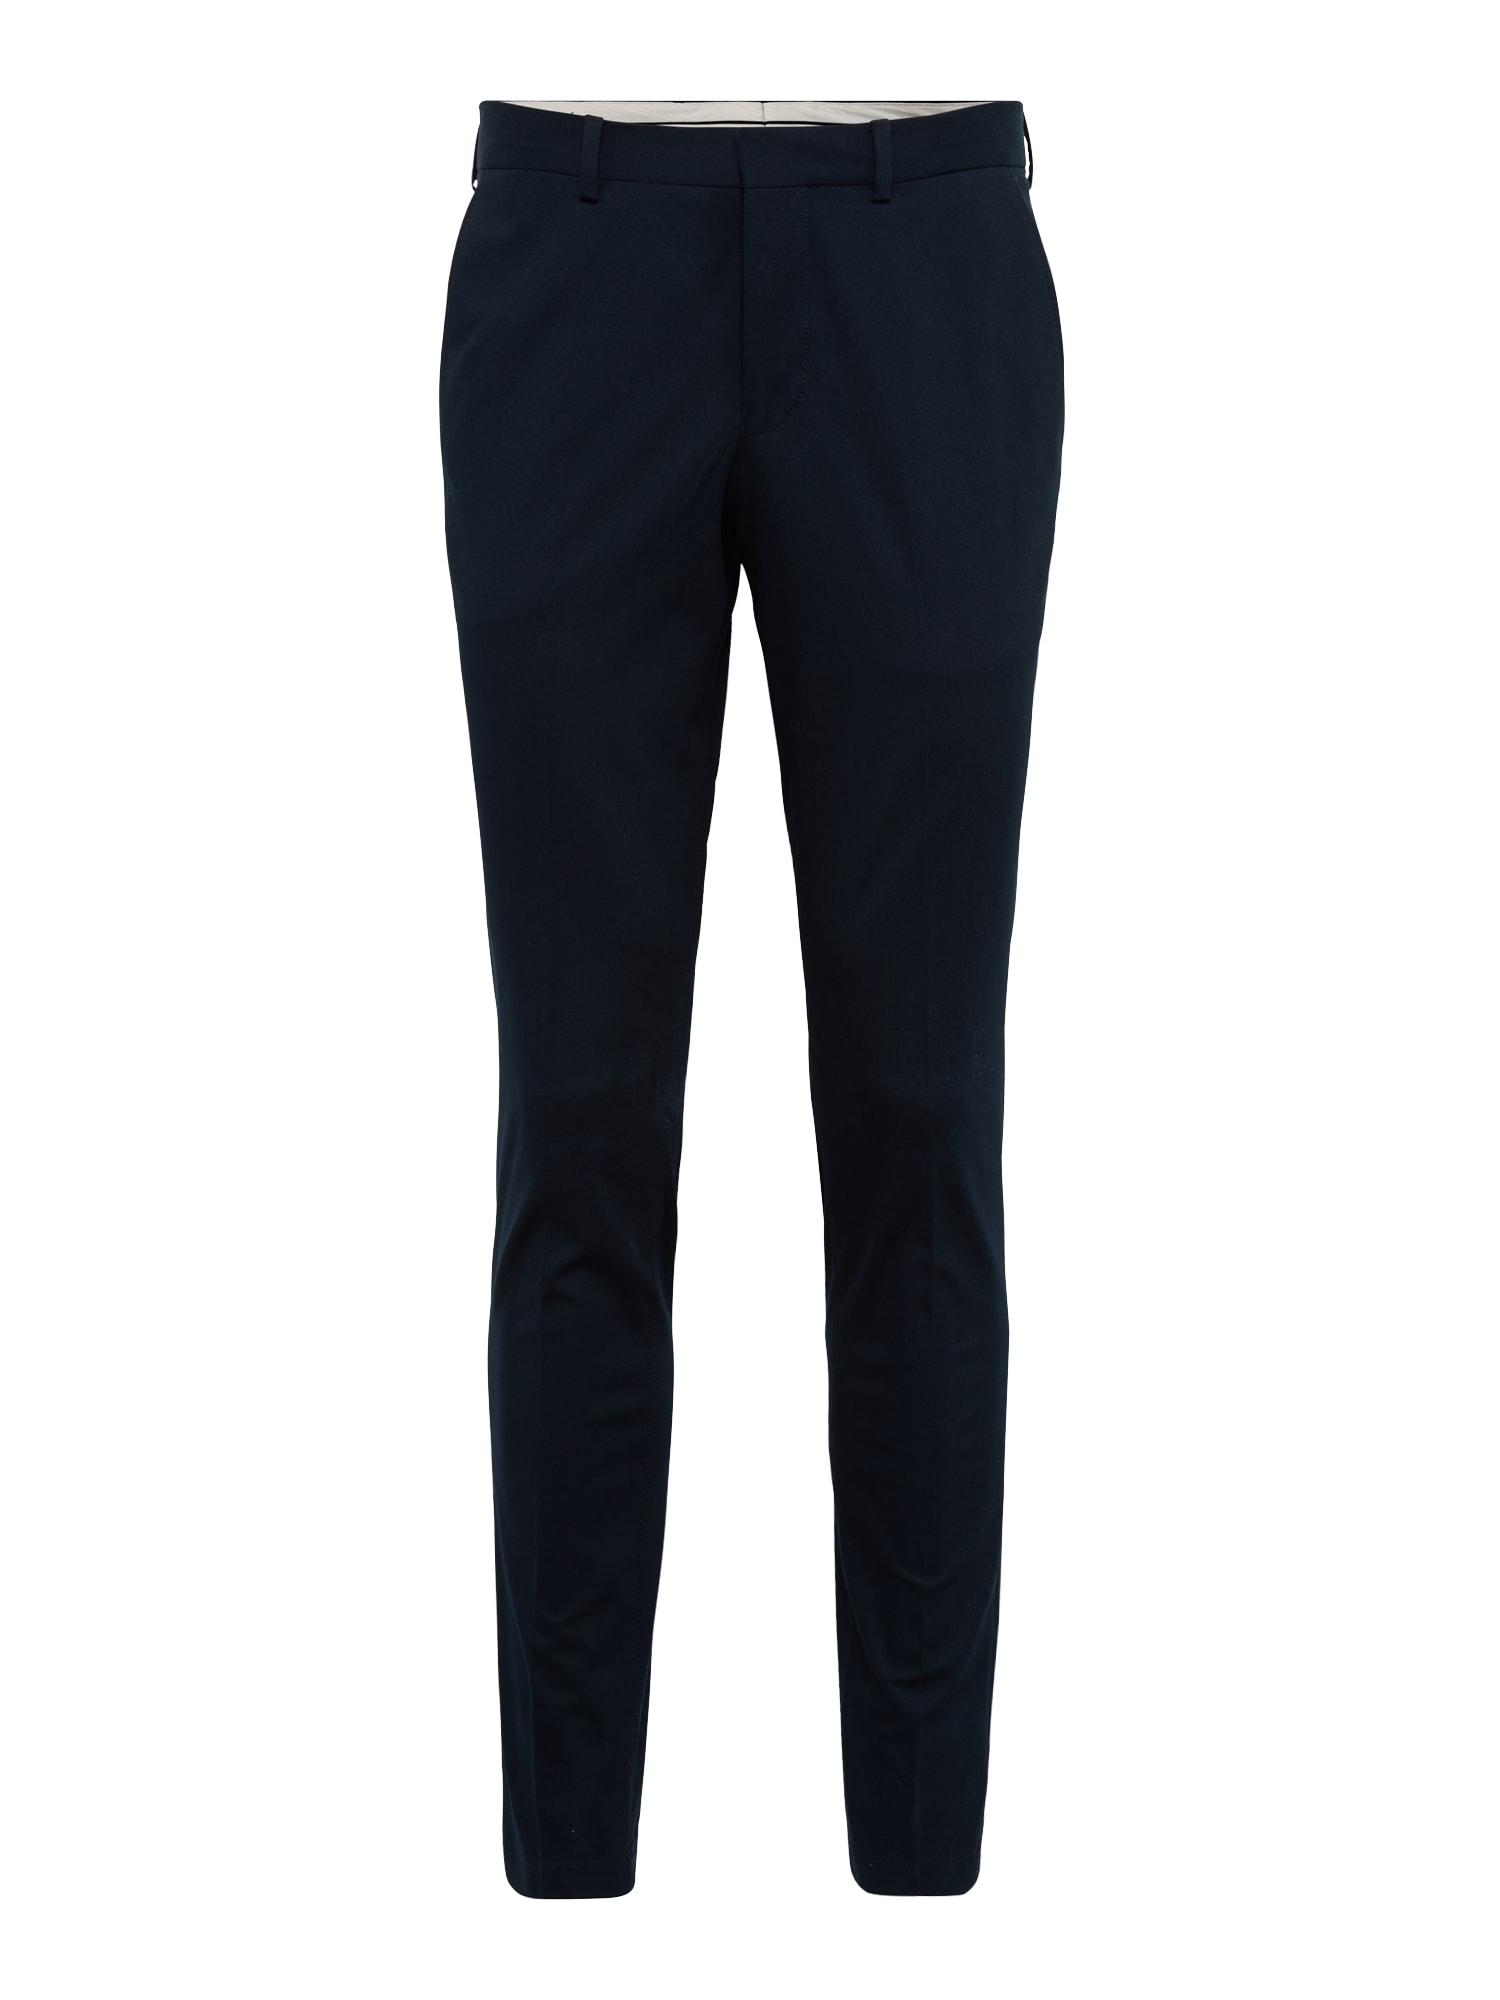 Chino kalhoty SHDSKINNY-MATHCOT námořnická modř SELECTED HOMME